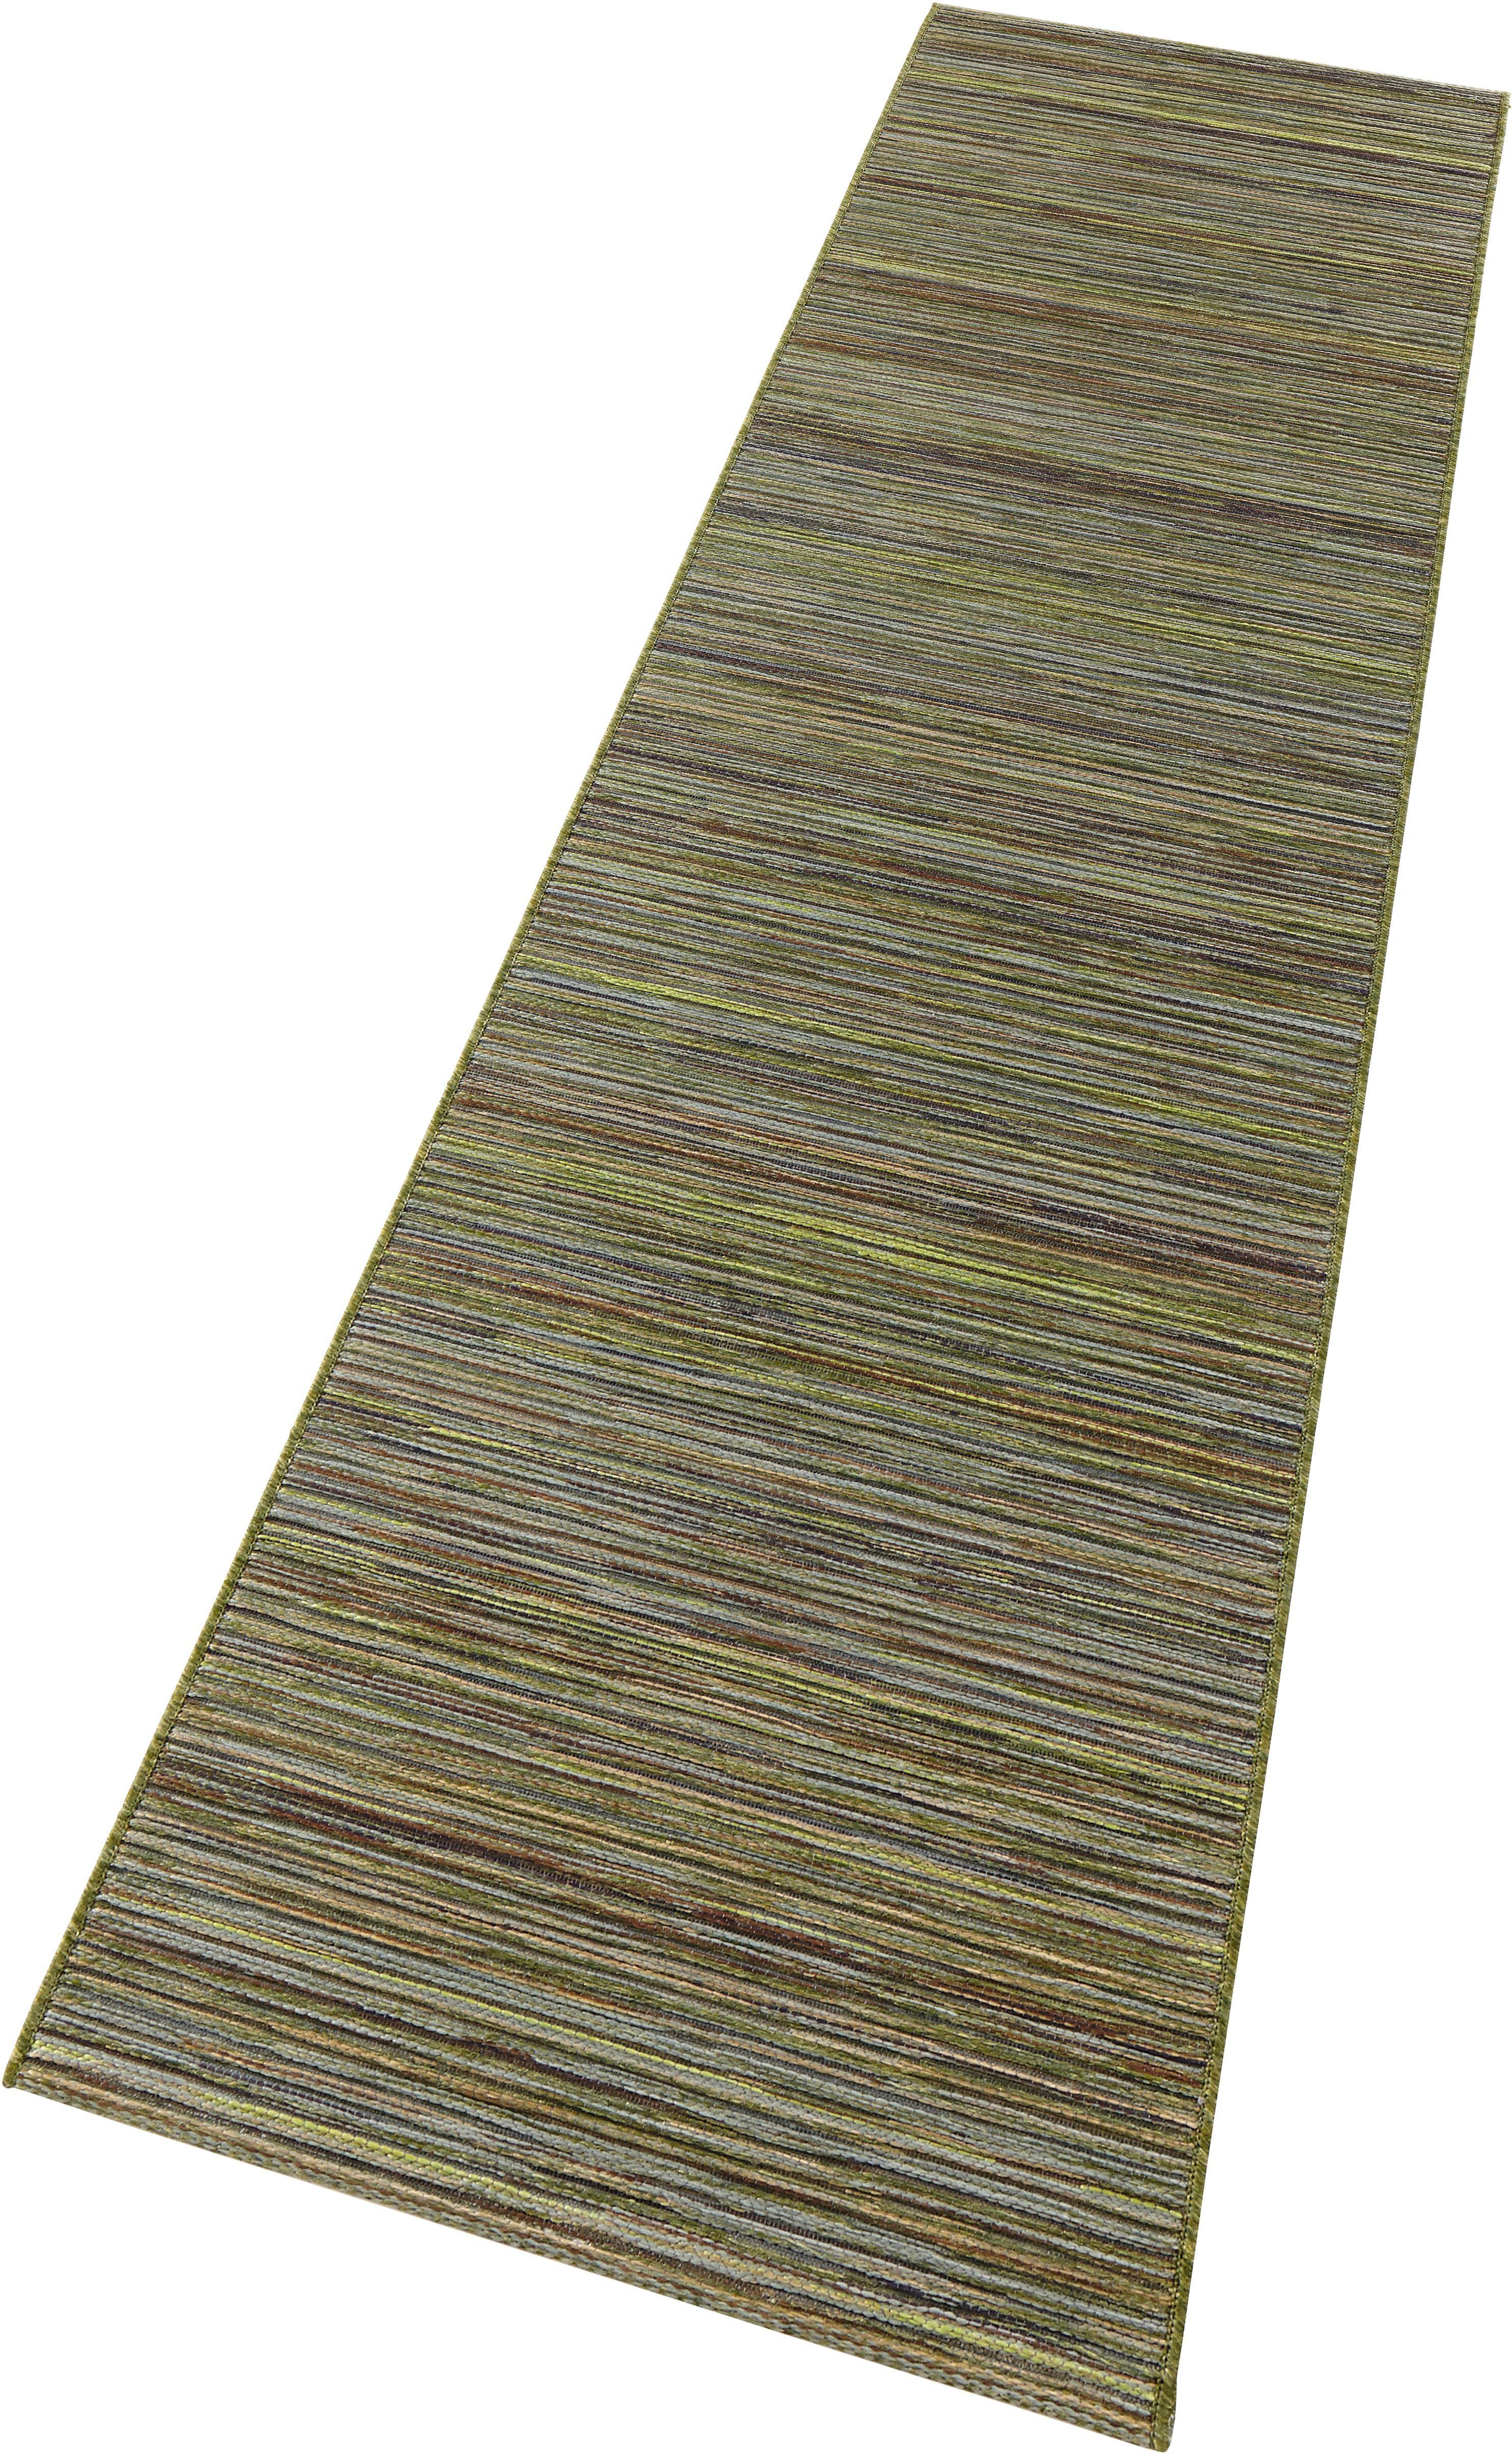 Läufer, »Lotus«, bougari, rechteckig, Höhe 7 mm, maschinell gewebt   Heimtextilien > Teppiche > Läufer   Grün   BOUGARI